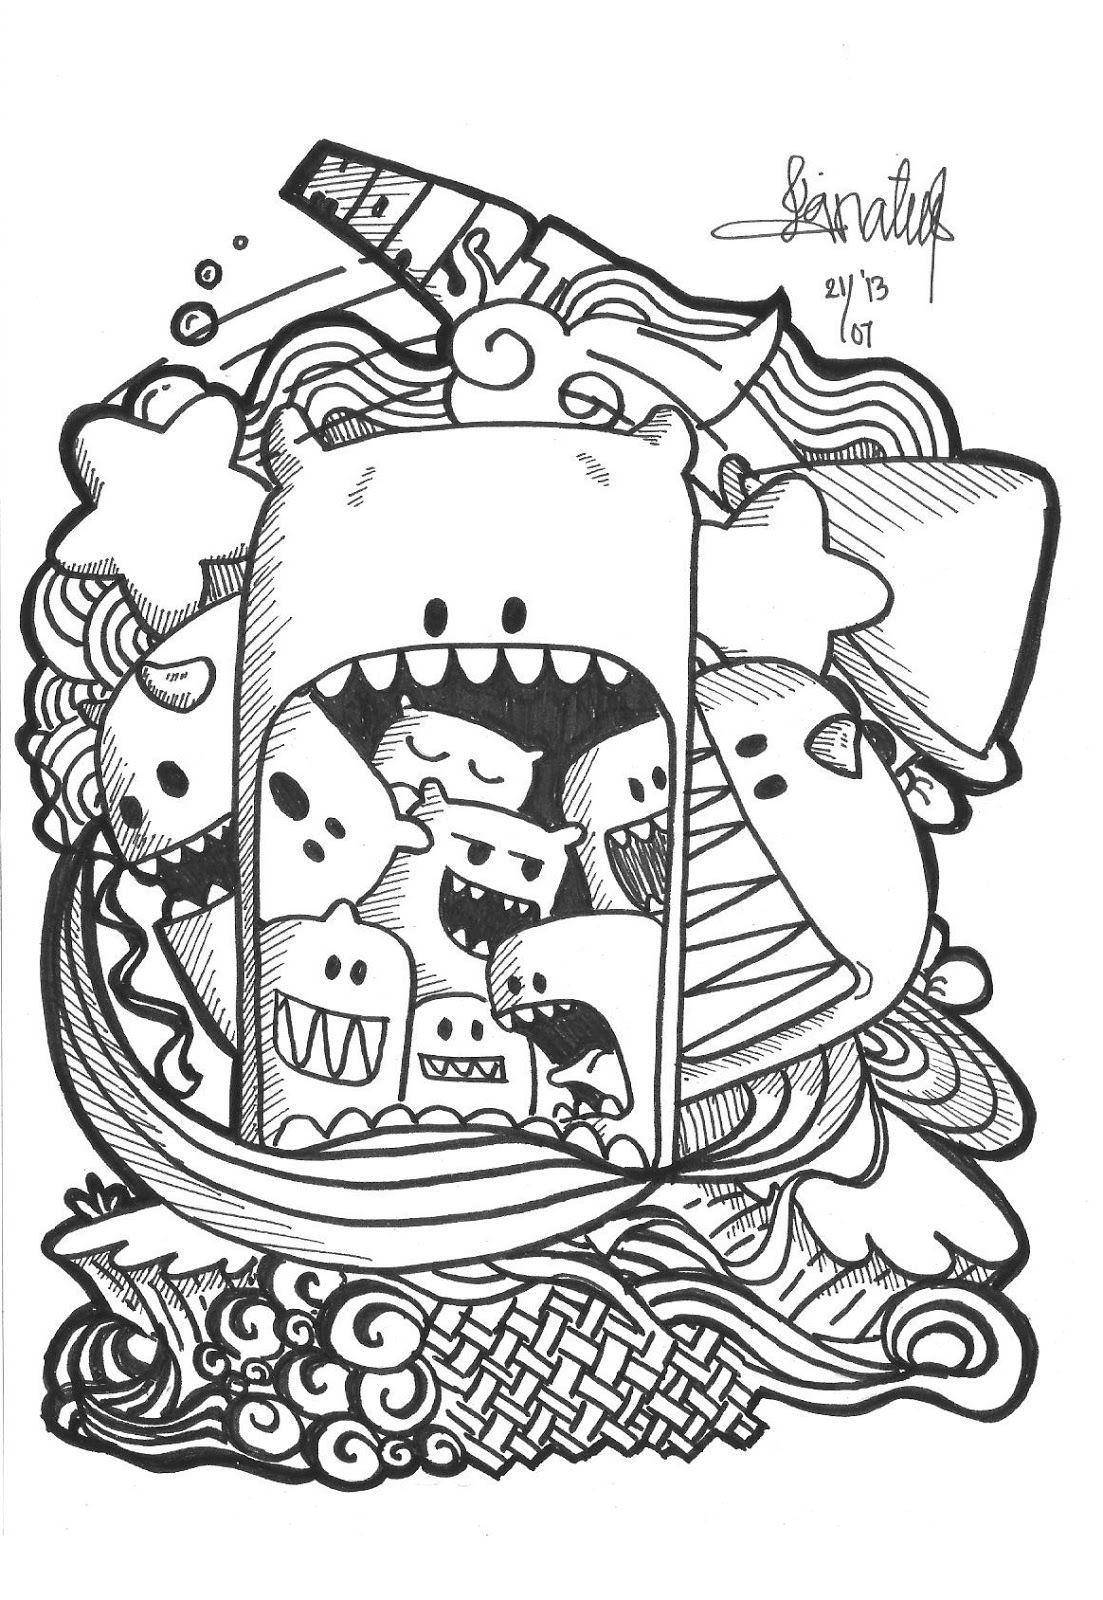 Art 11 Jpg 1103 1600 Doodle Drawings Doodle Art Designs